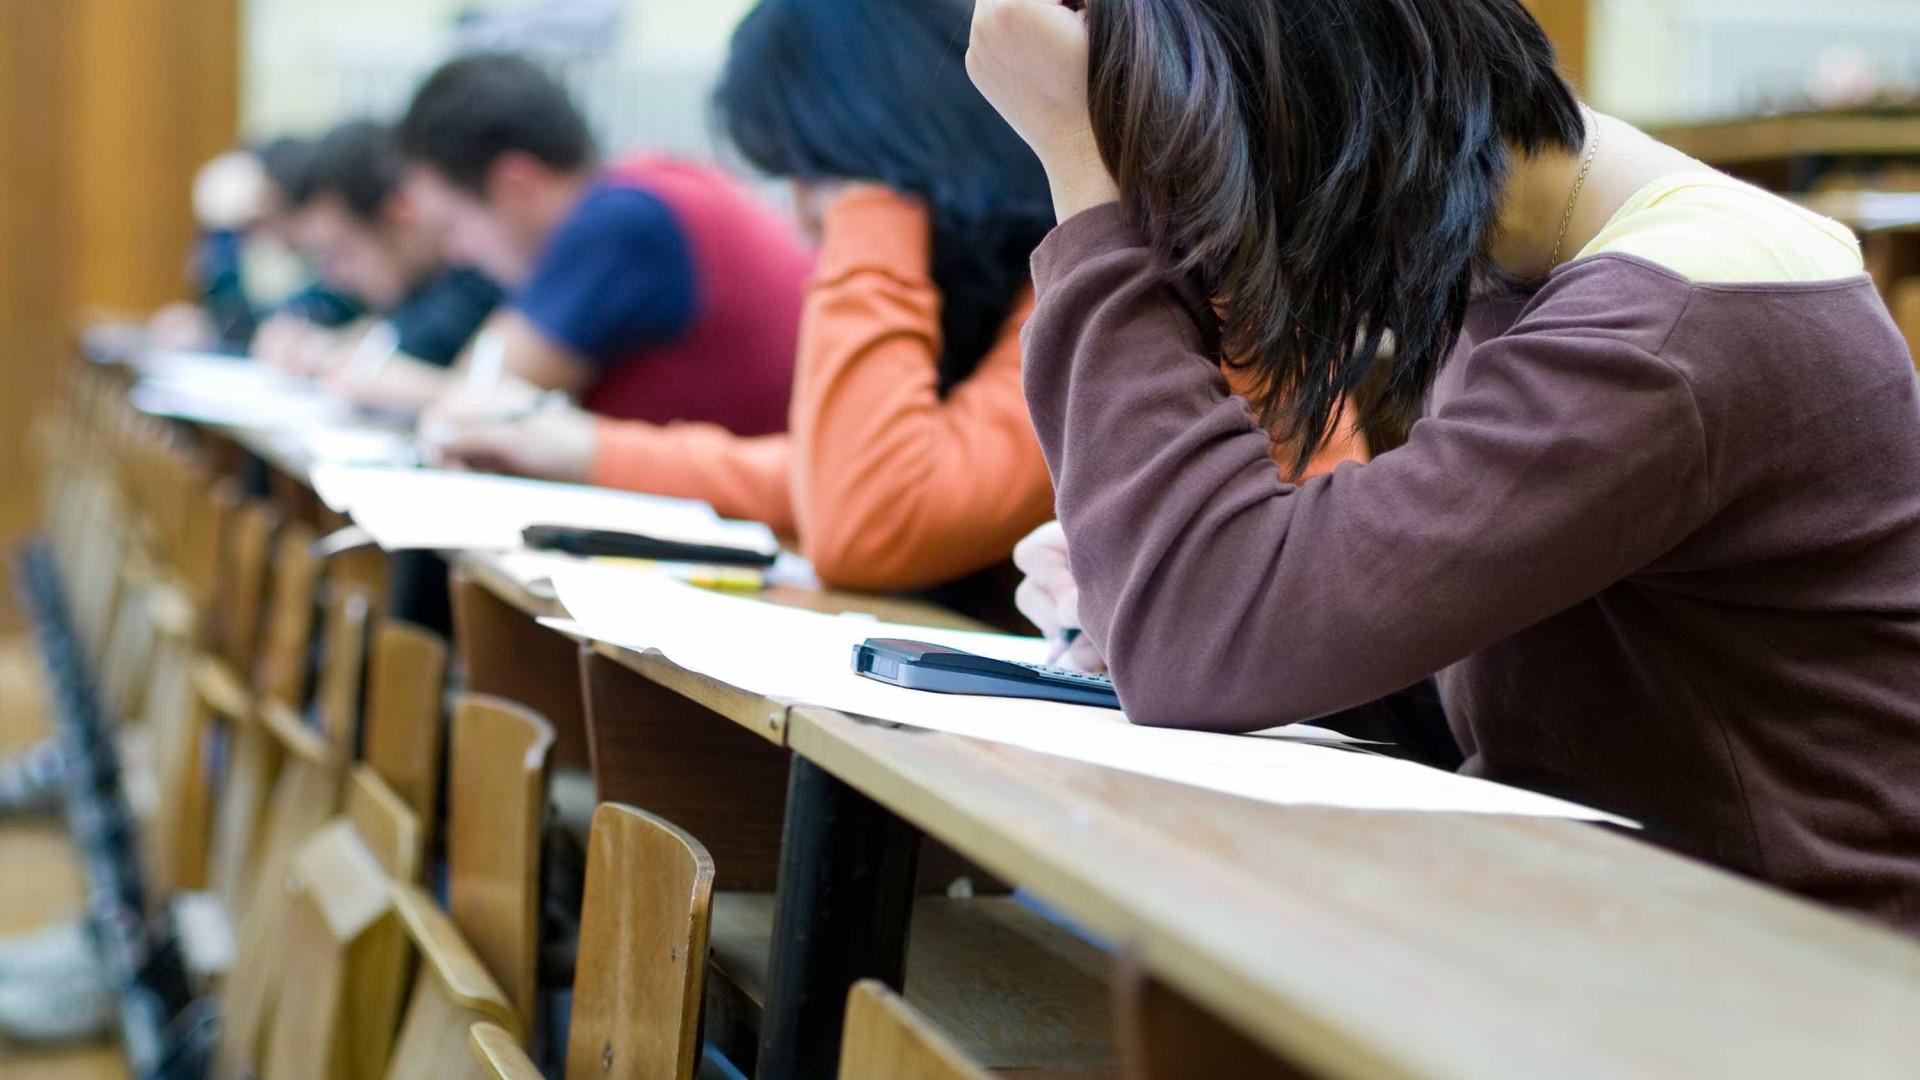 Associações de pais pedem rápida resolução de casos de alunos sem notas